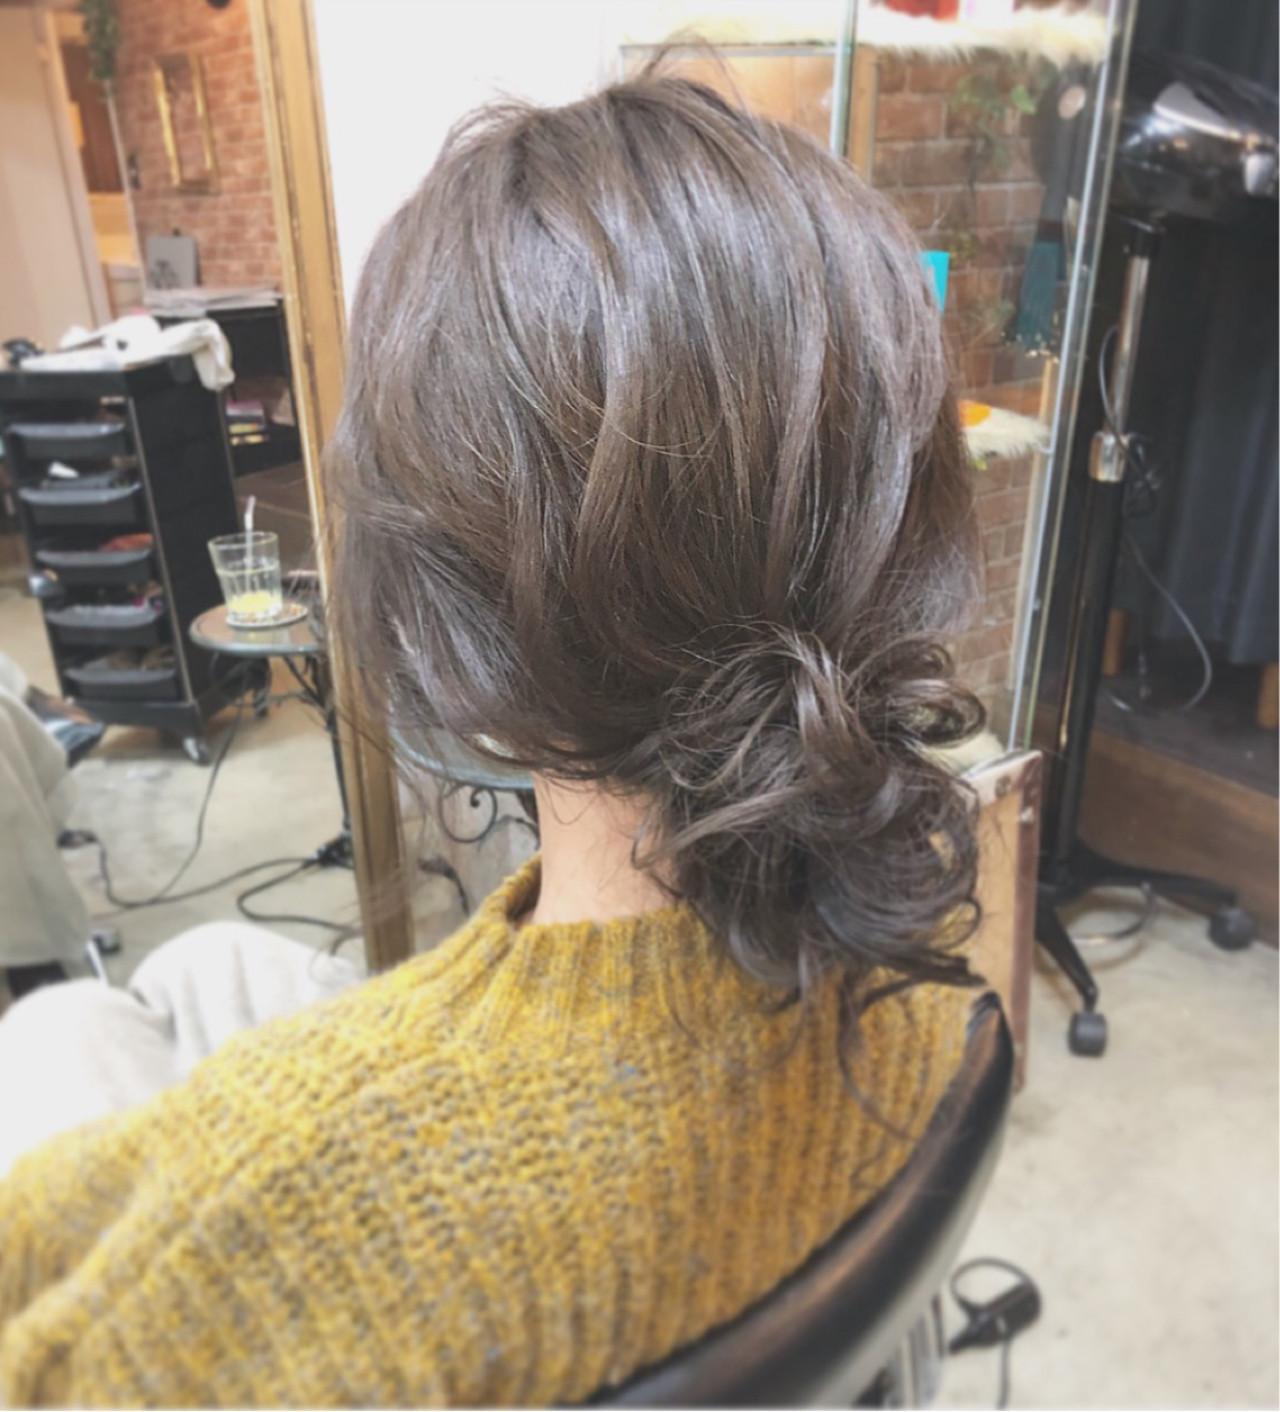 ふわくしゅ感が可愛いセミロングのシニヨン hii.de@✂︎  CHERIE hair design